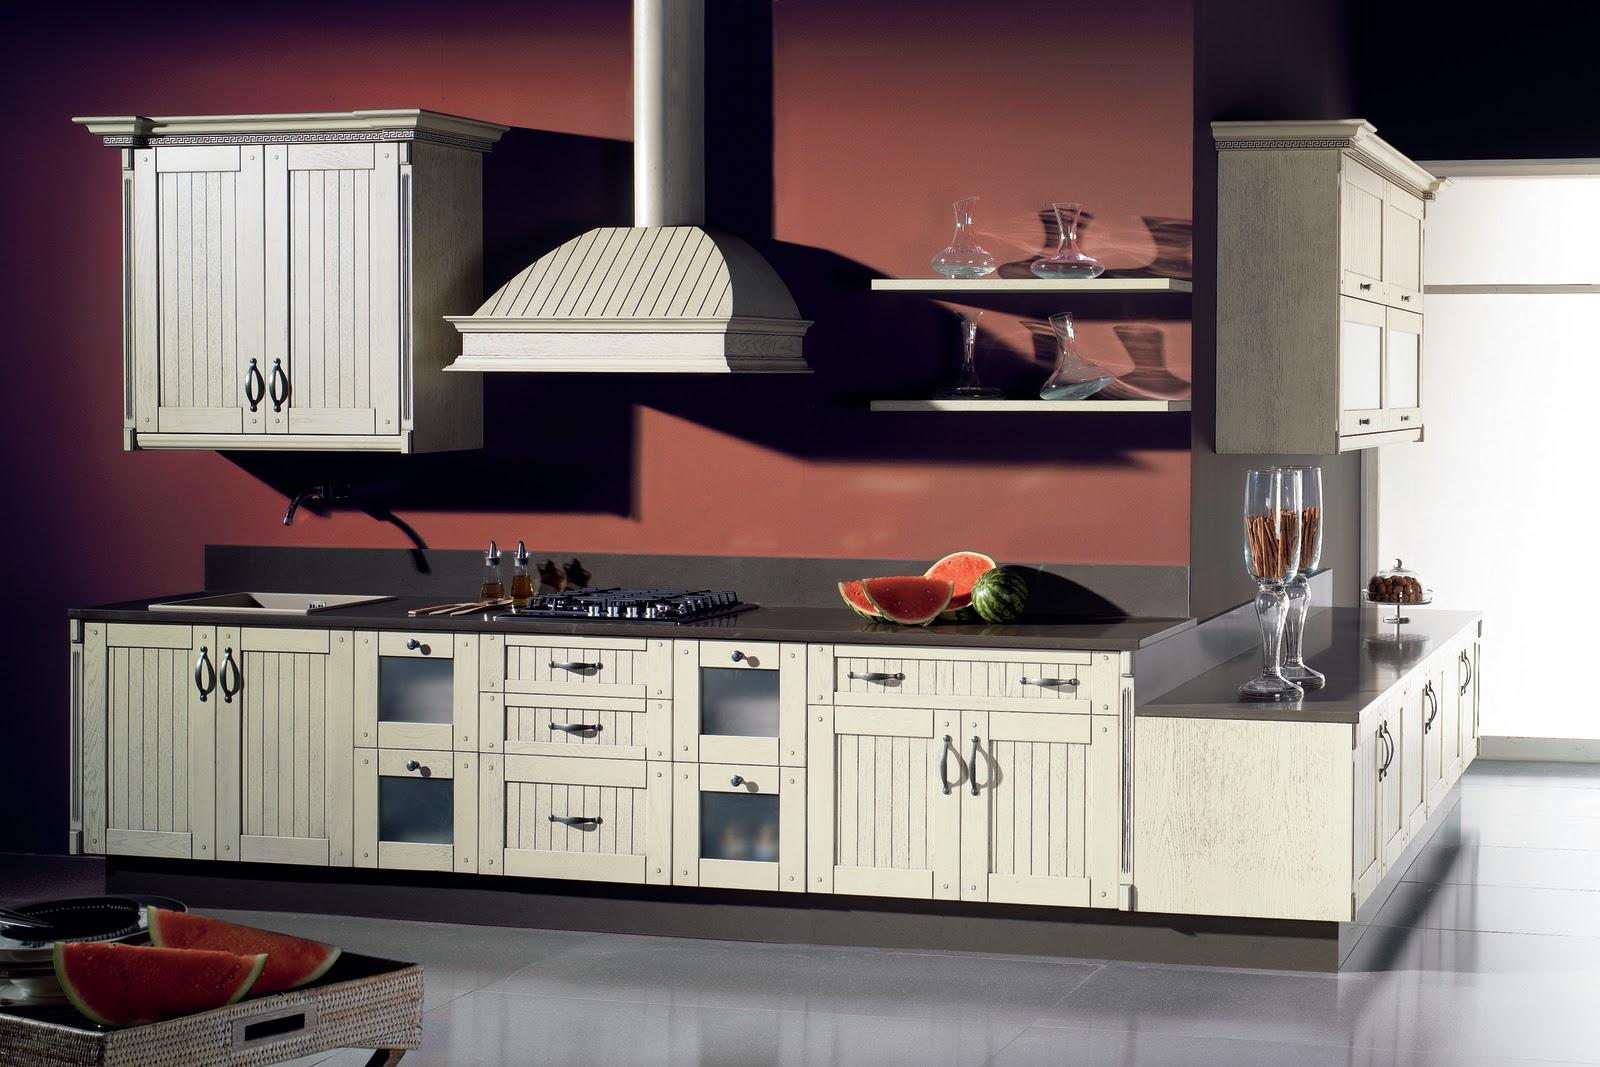 Dise a tu cocina febrero 2011 for Disena tu cocina online